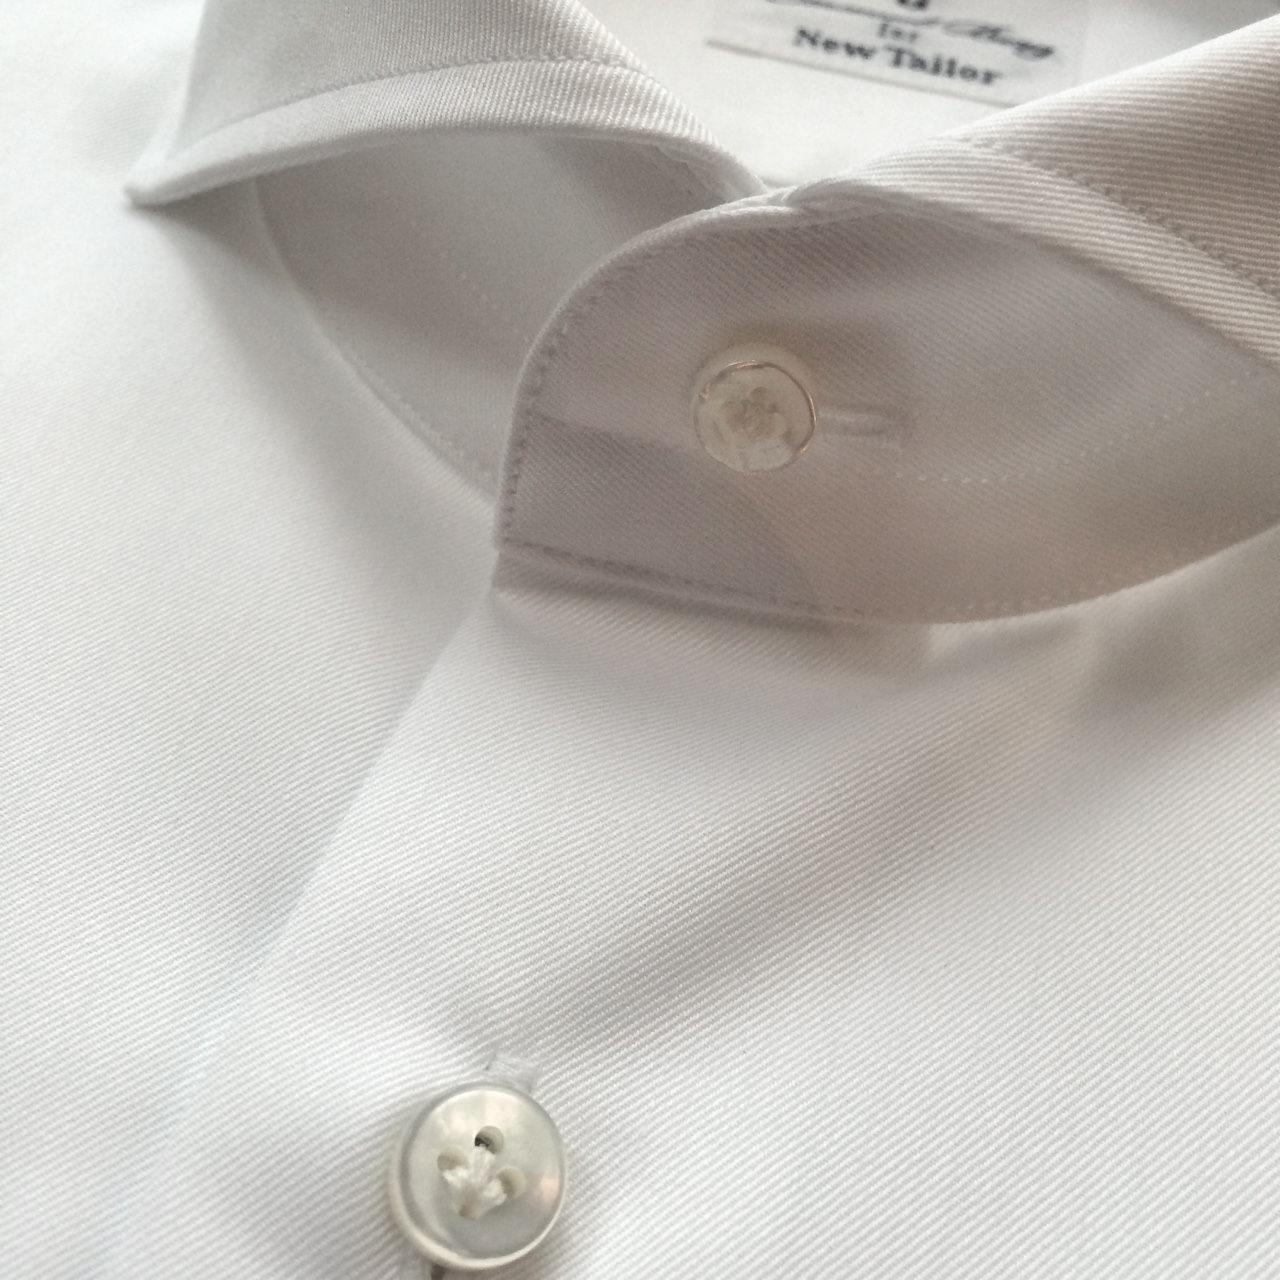 Dress shirt's buttons